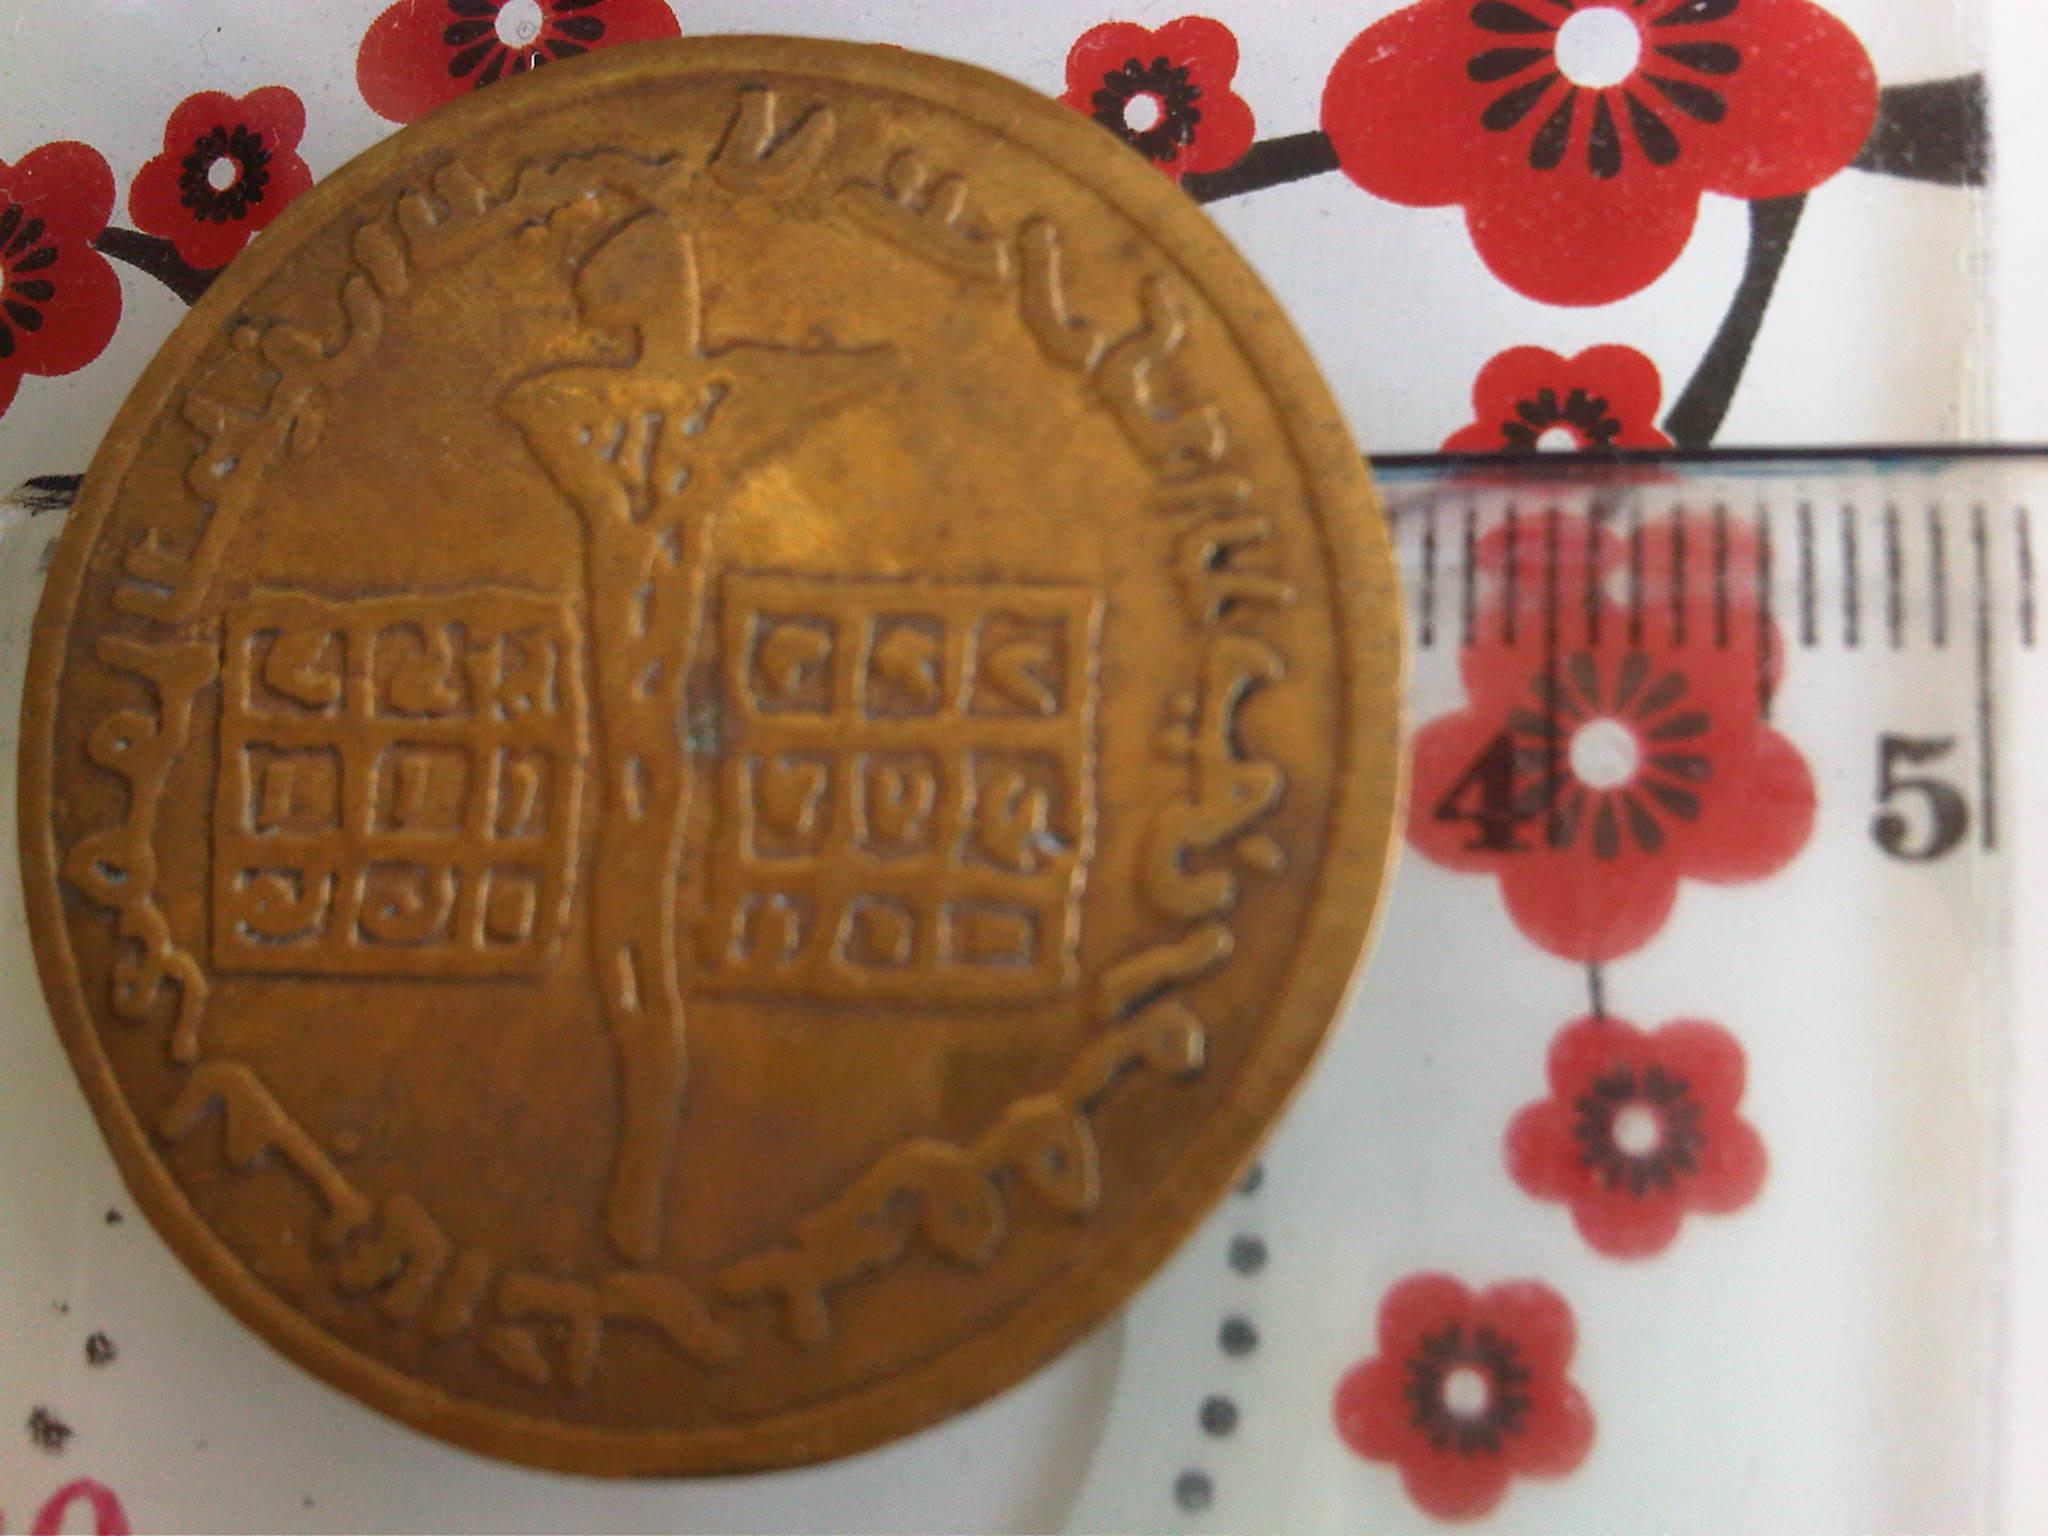 harga Koin (Coin) Kuno Langka #10 (Keris - Orang Pakai Sorban) Tokopedia.com